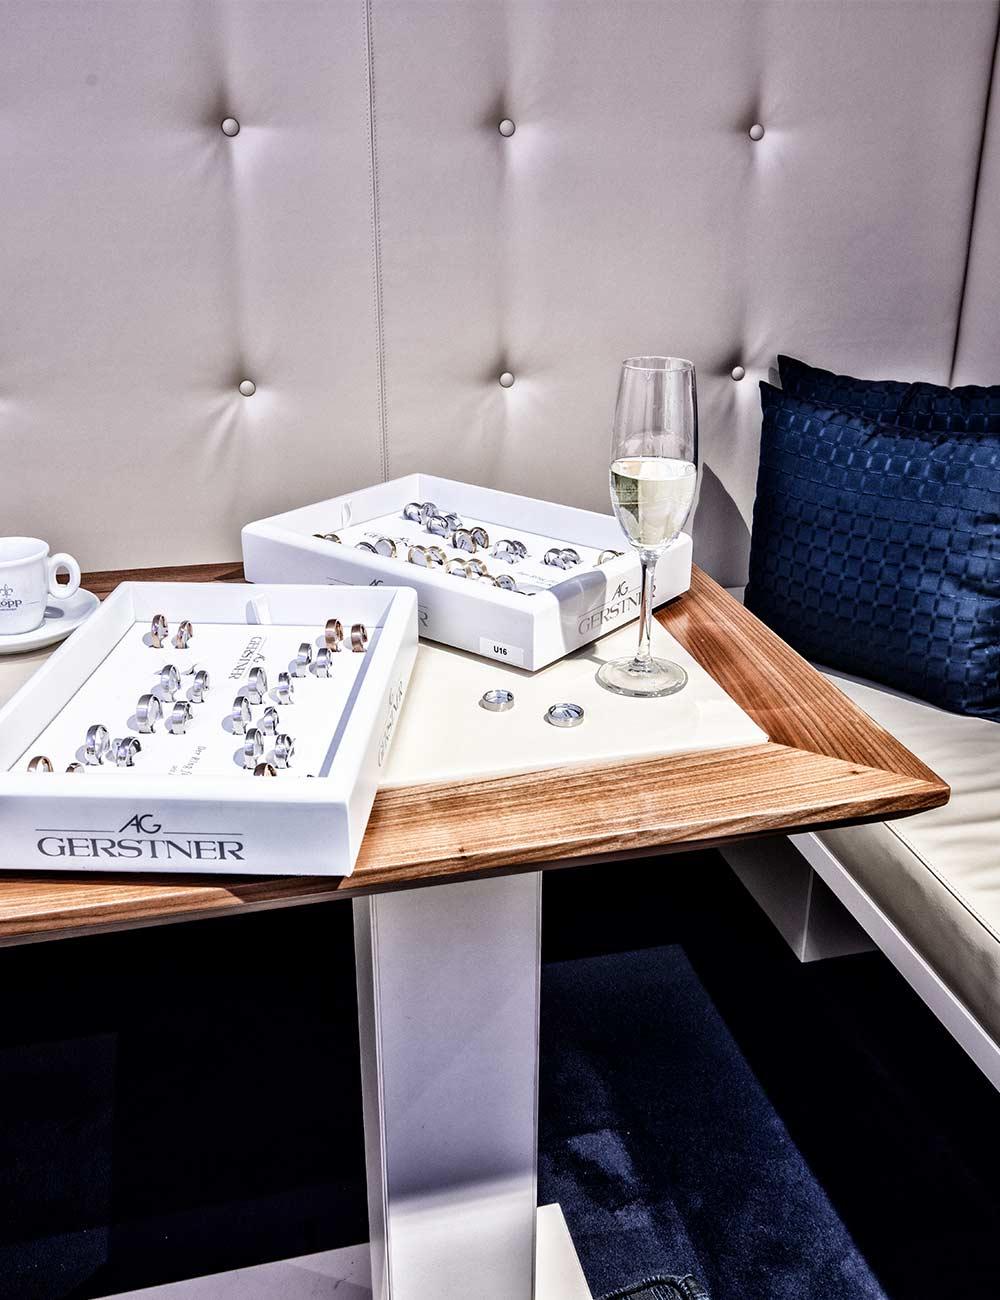 Sitzecke mit blauen Kissen Sektgläsern und Trauringen in der Juwelier Kopp Trauringlounge